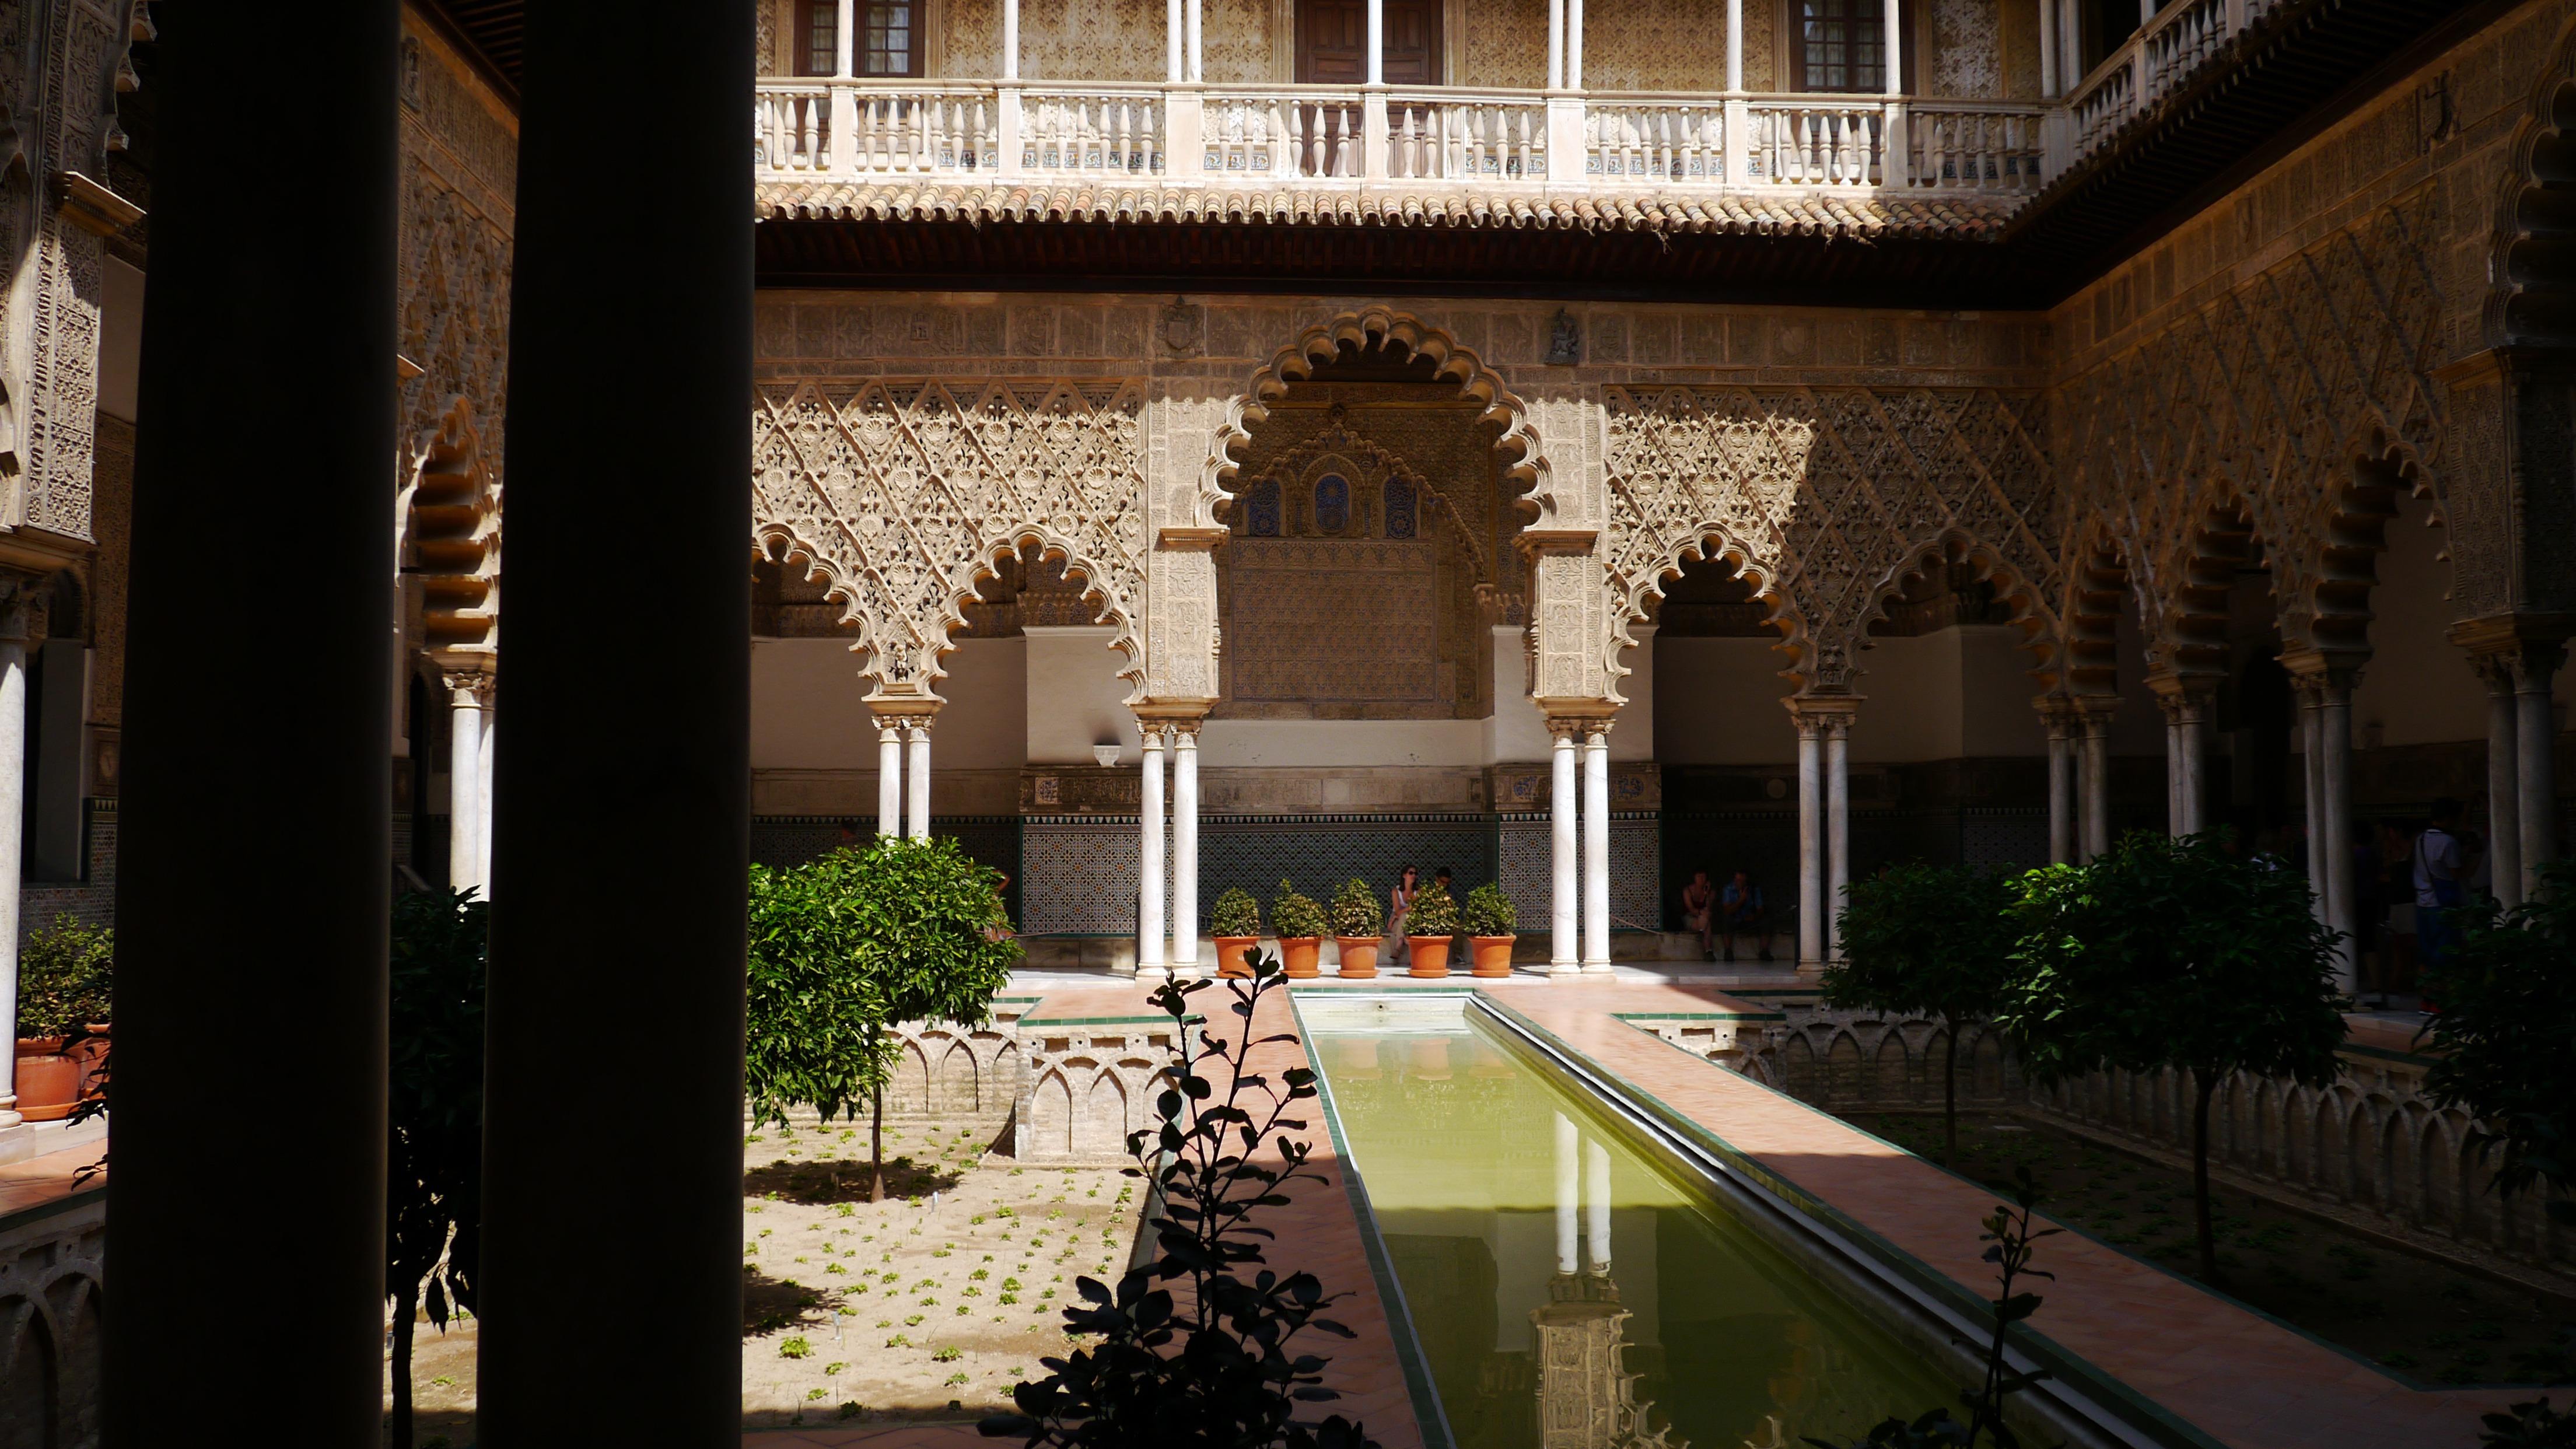 Fotos gratis : arquitectura, palacio, edificio, diseño de interiores ...